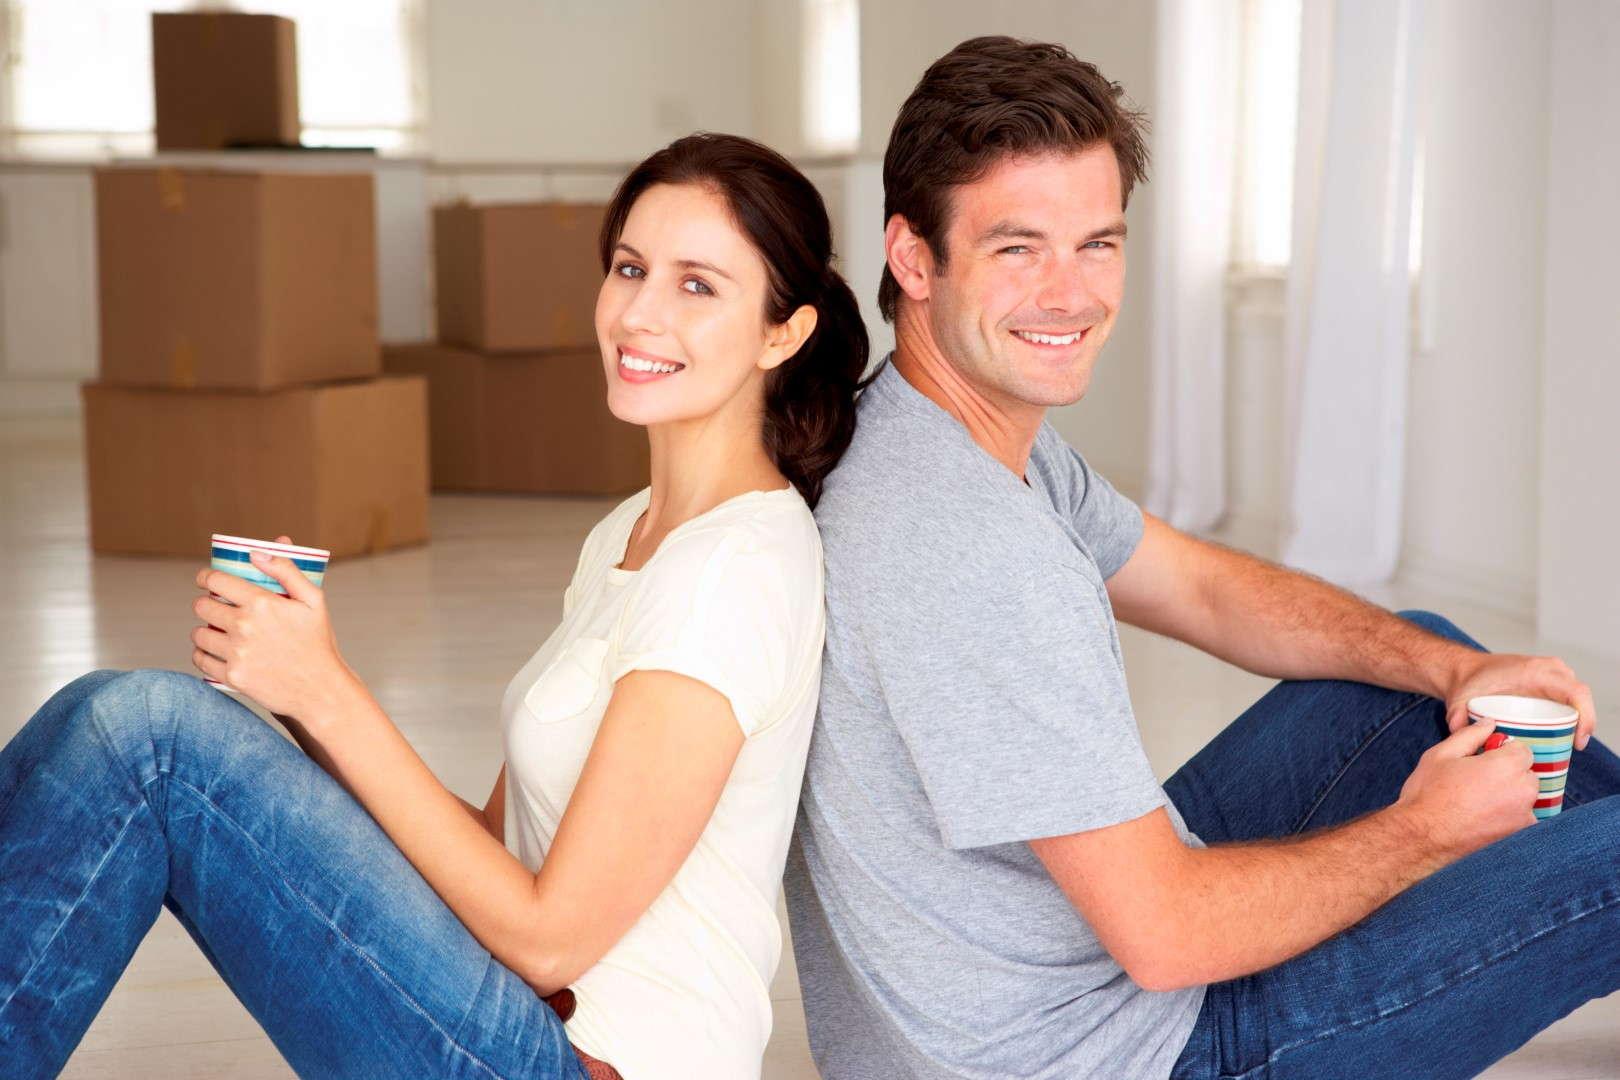 Seguro de hogar valorar continente y contenido. Hombre y mujer amueblan su hogar